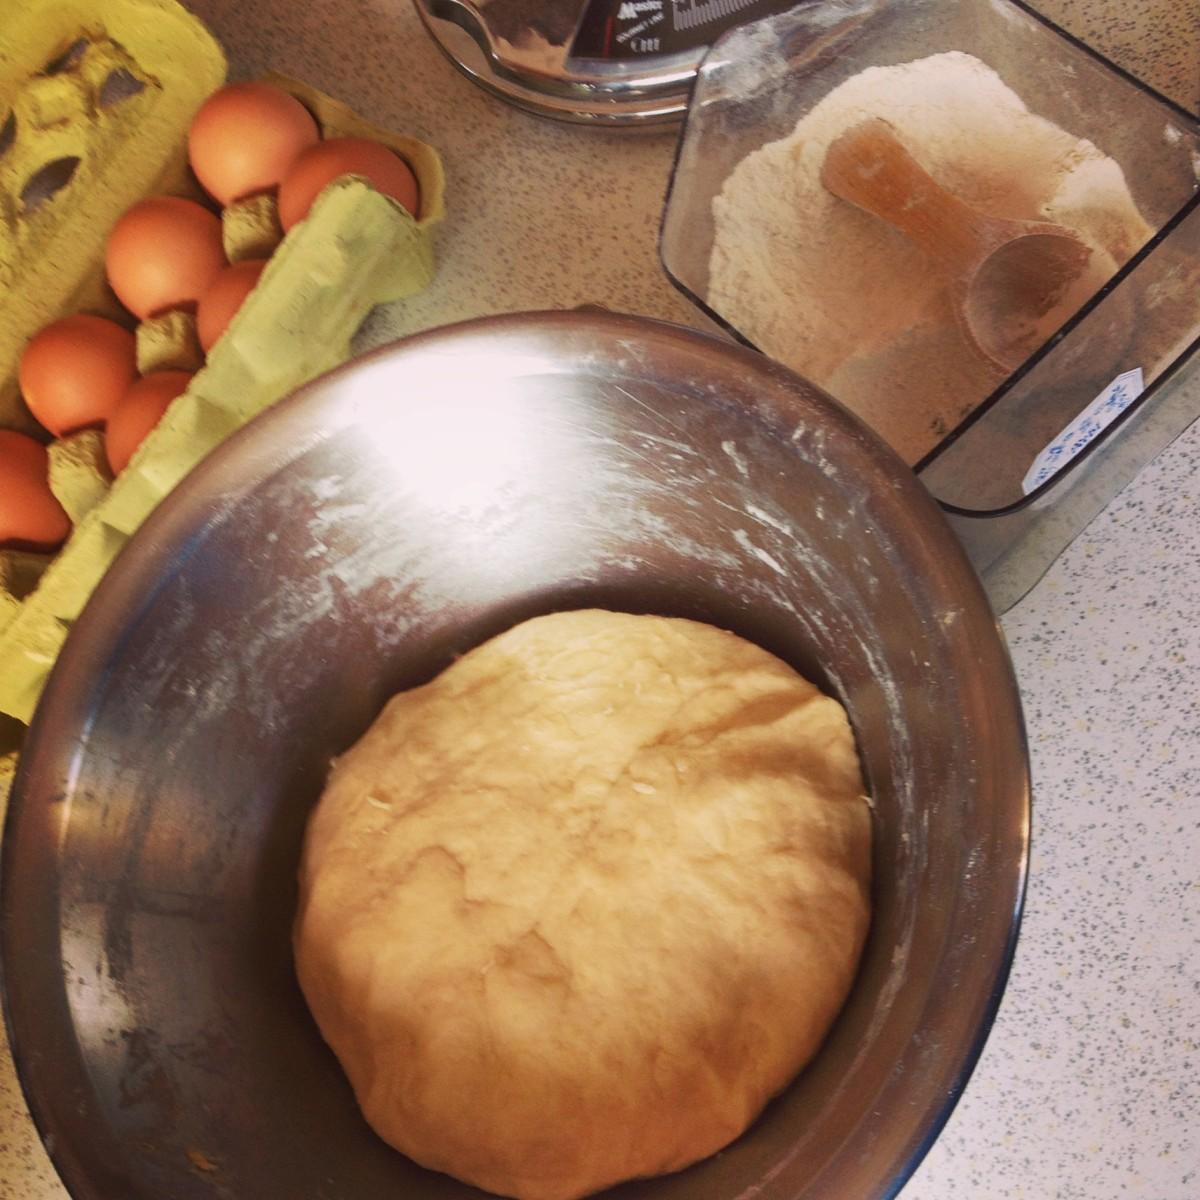 Der Hefeteig für Germknödel mit Vanillesauce, Butter & Mohn